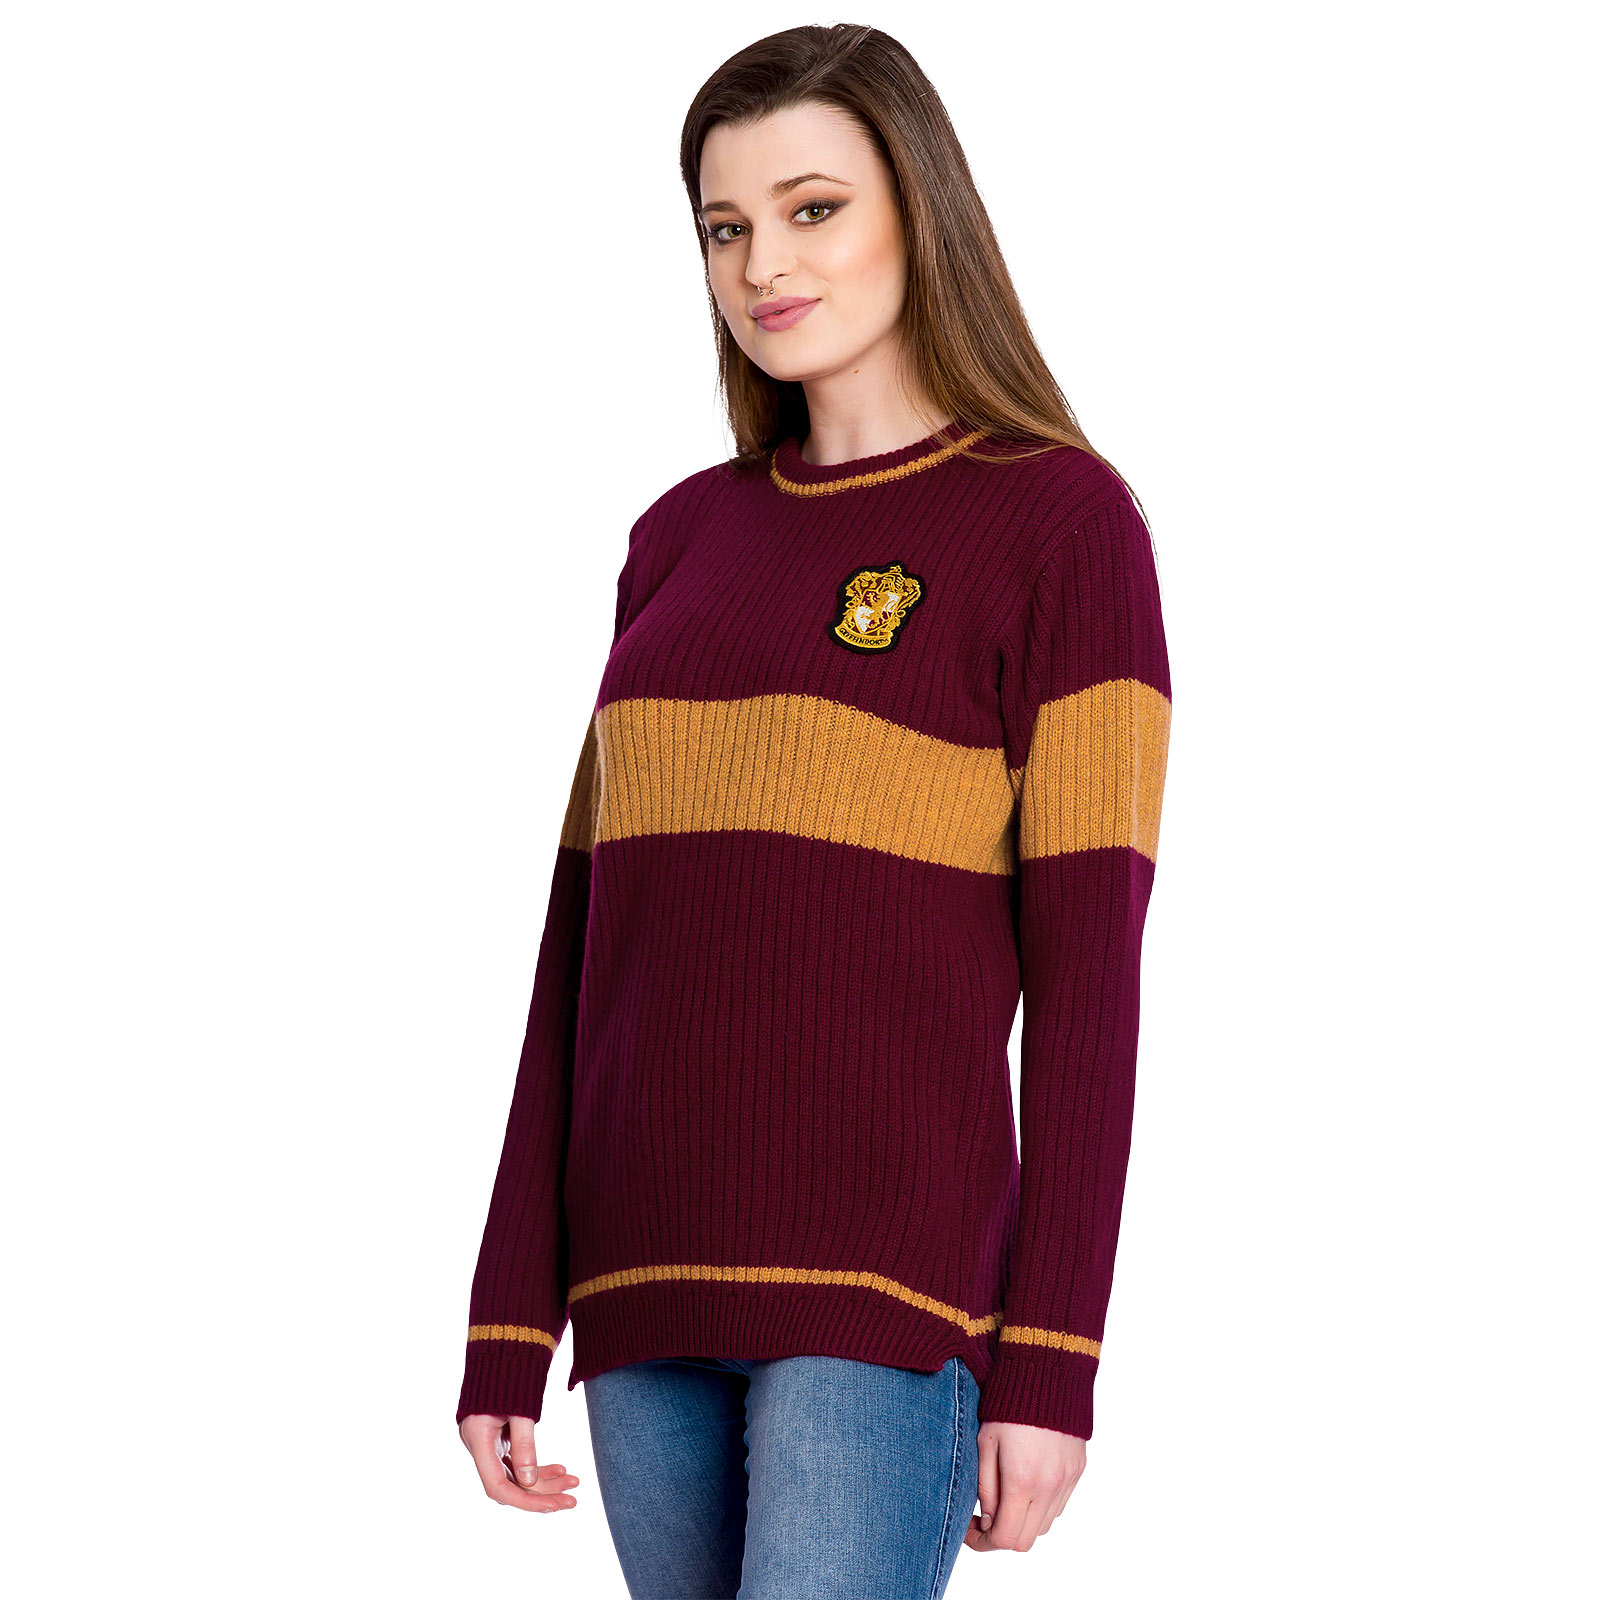 Harry Potter - Quidditch Gryffindor Sweater